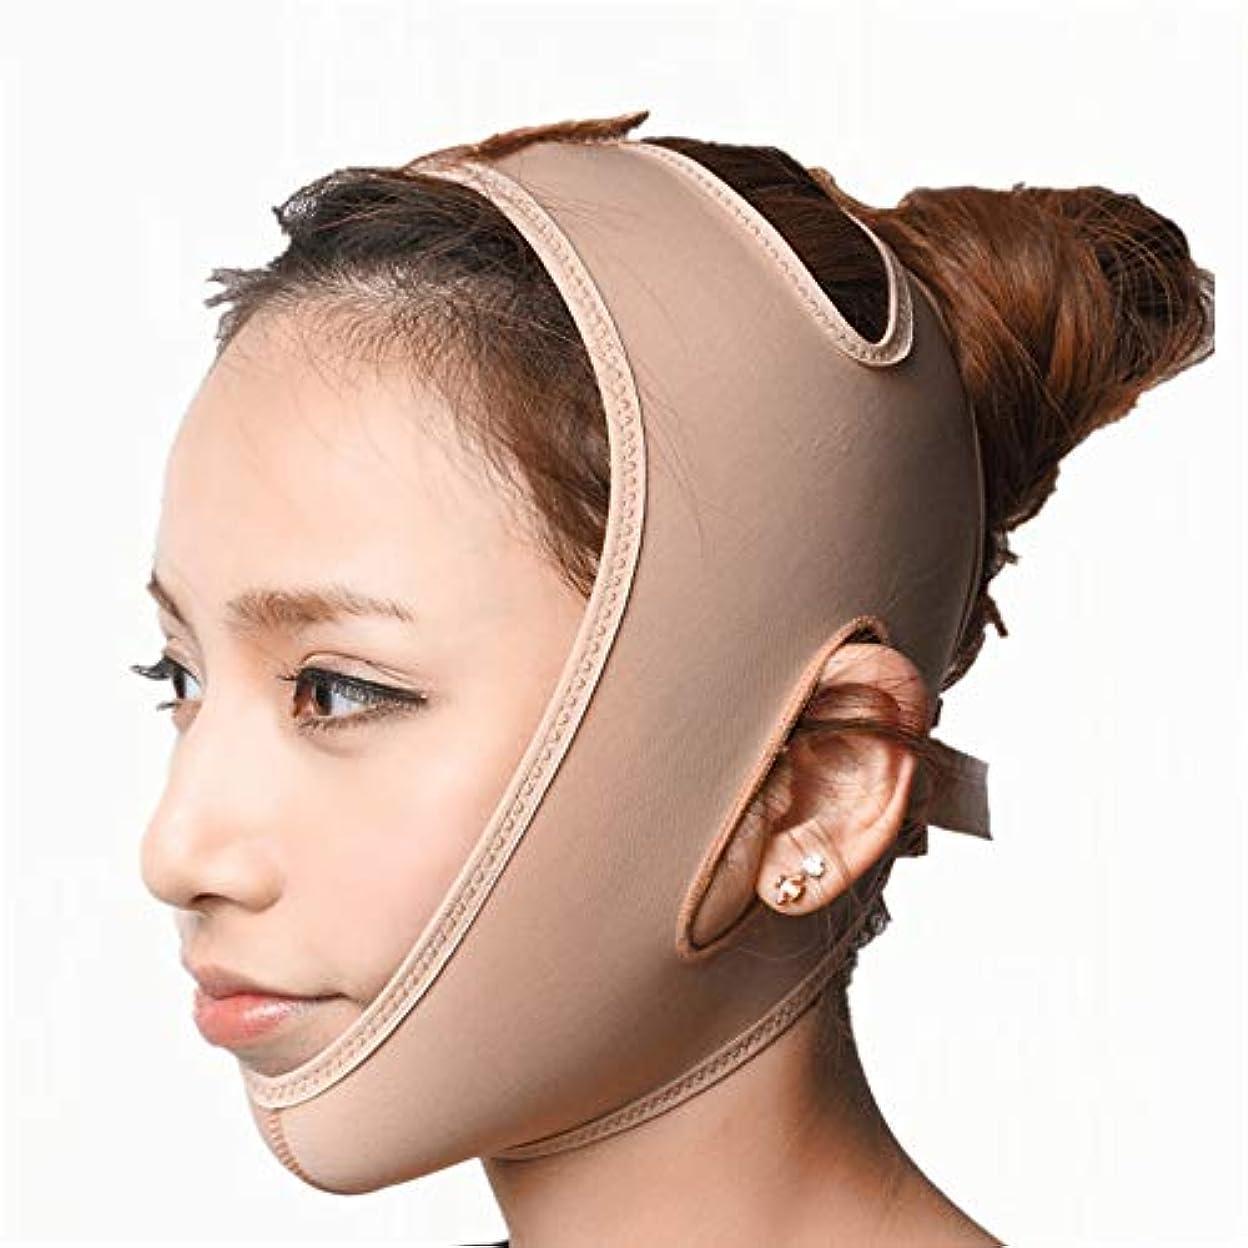 好奇心盛攻撃オペレーターXINGZHE 顔の持ち上がる痩身ベルト - アンチエイジングリンクルフェイスマスクベルトシンフェイス包帯整形マスクは顔と首を締めますフェイススリム フェイスリフティングベルト (サイズ さいず : XL)